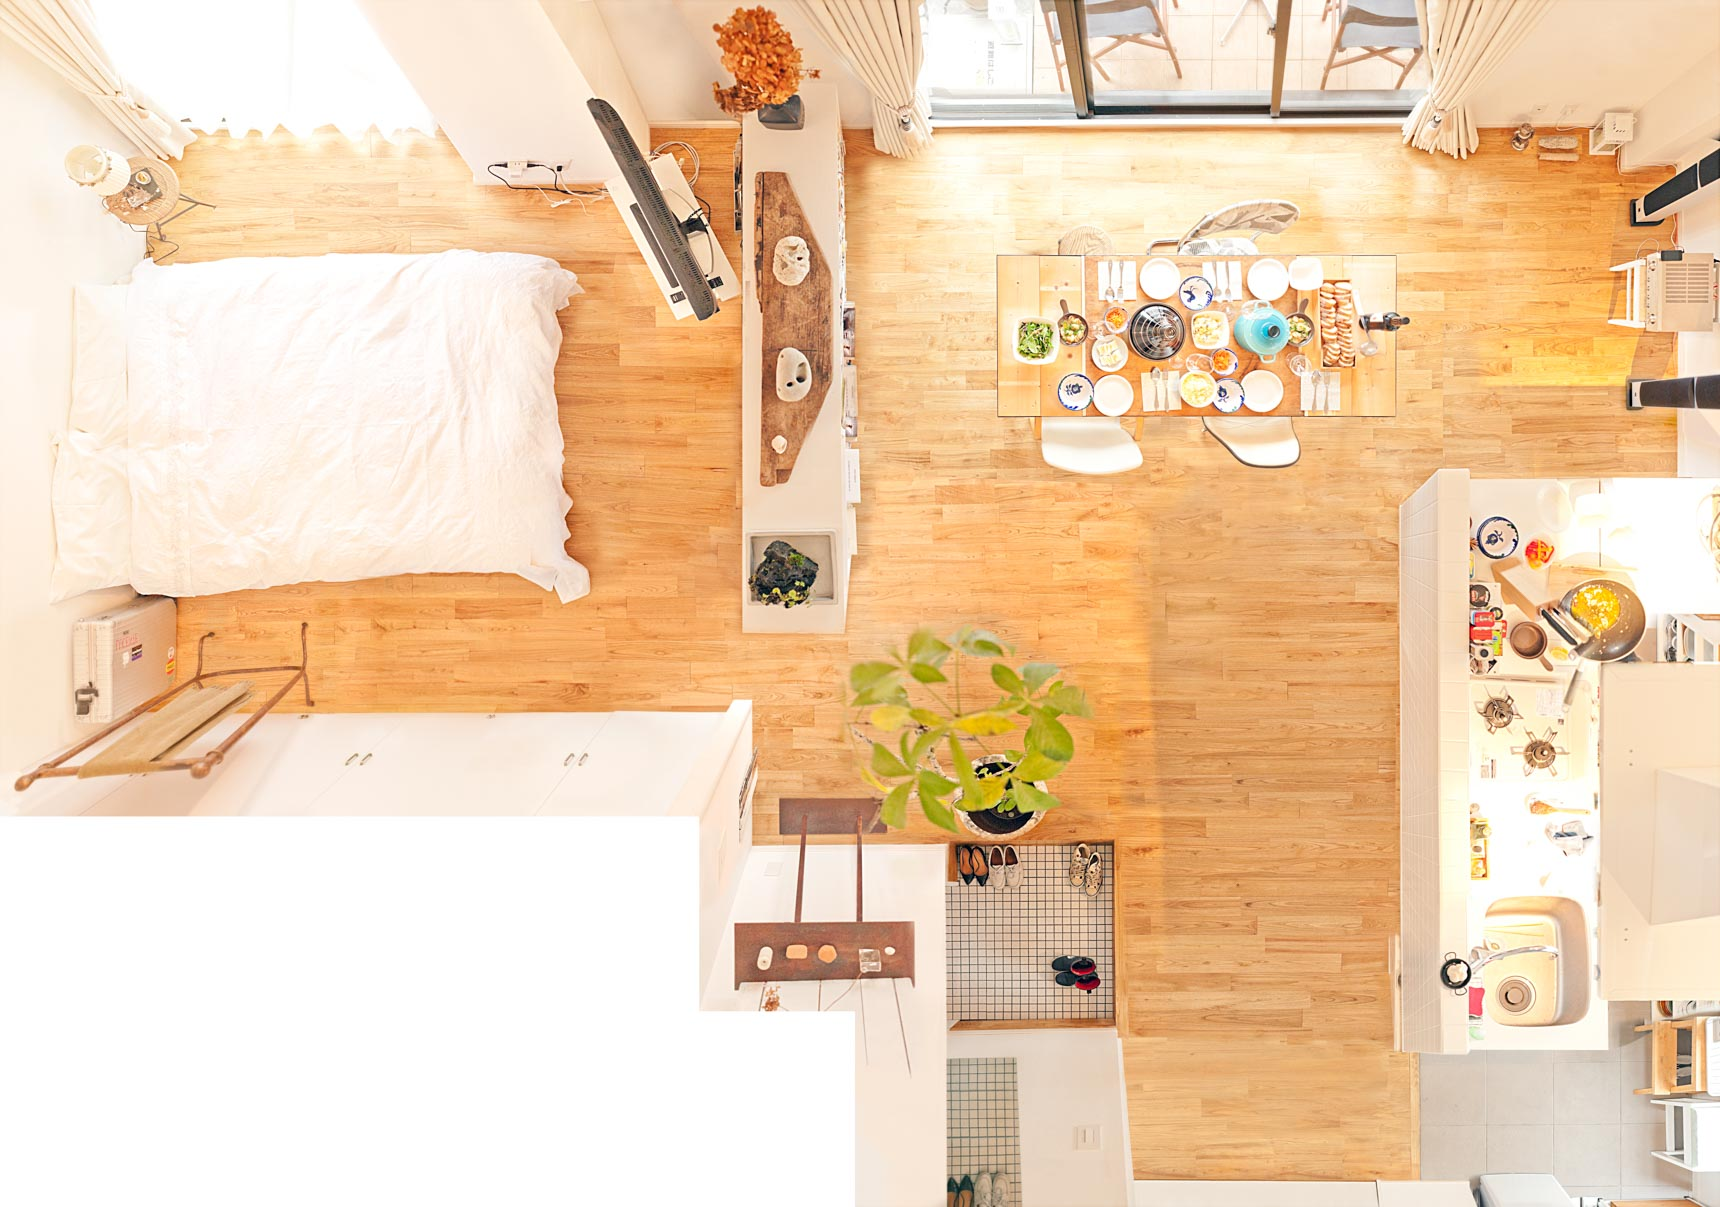 石井さんご夫婦のお部屋。アイランドキッチンを中心に、手料理を楽しむダイニングスペースはゆったり。テレビは、ベッドから見える位置へ。